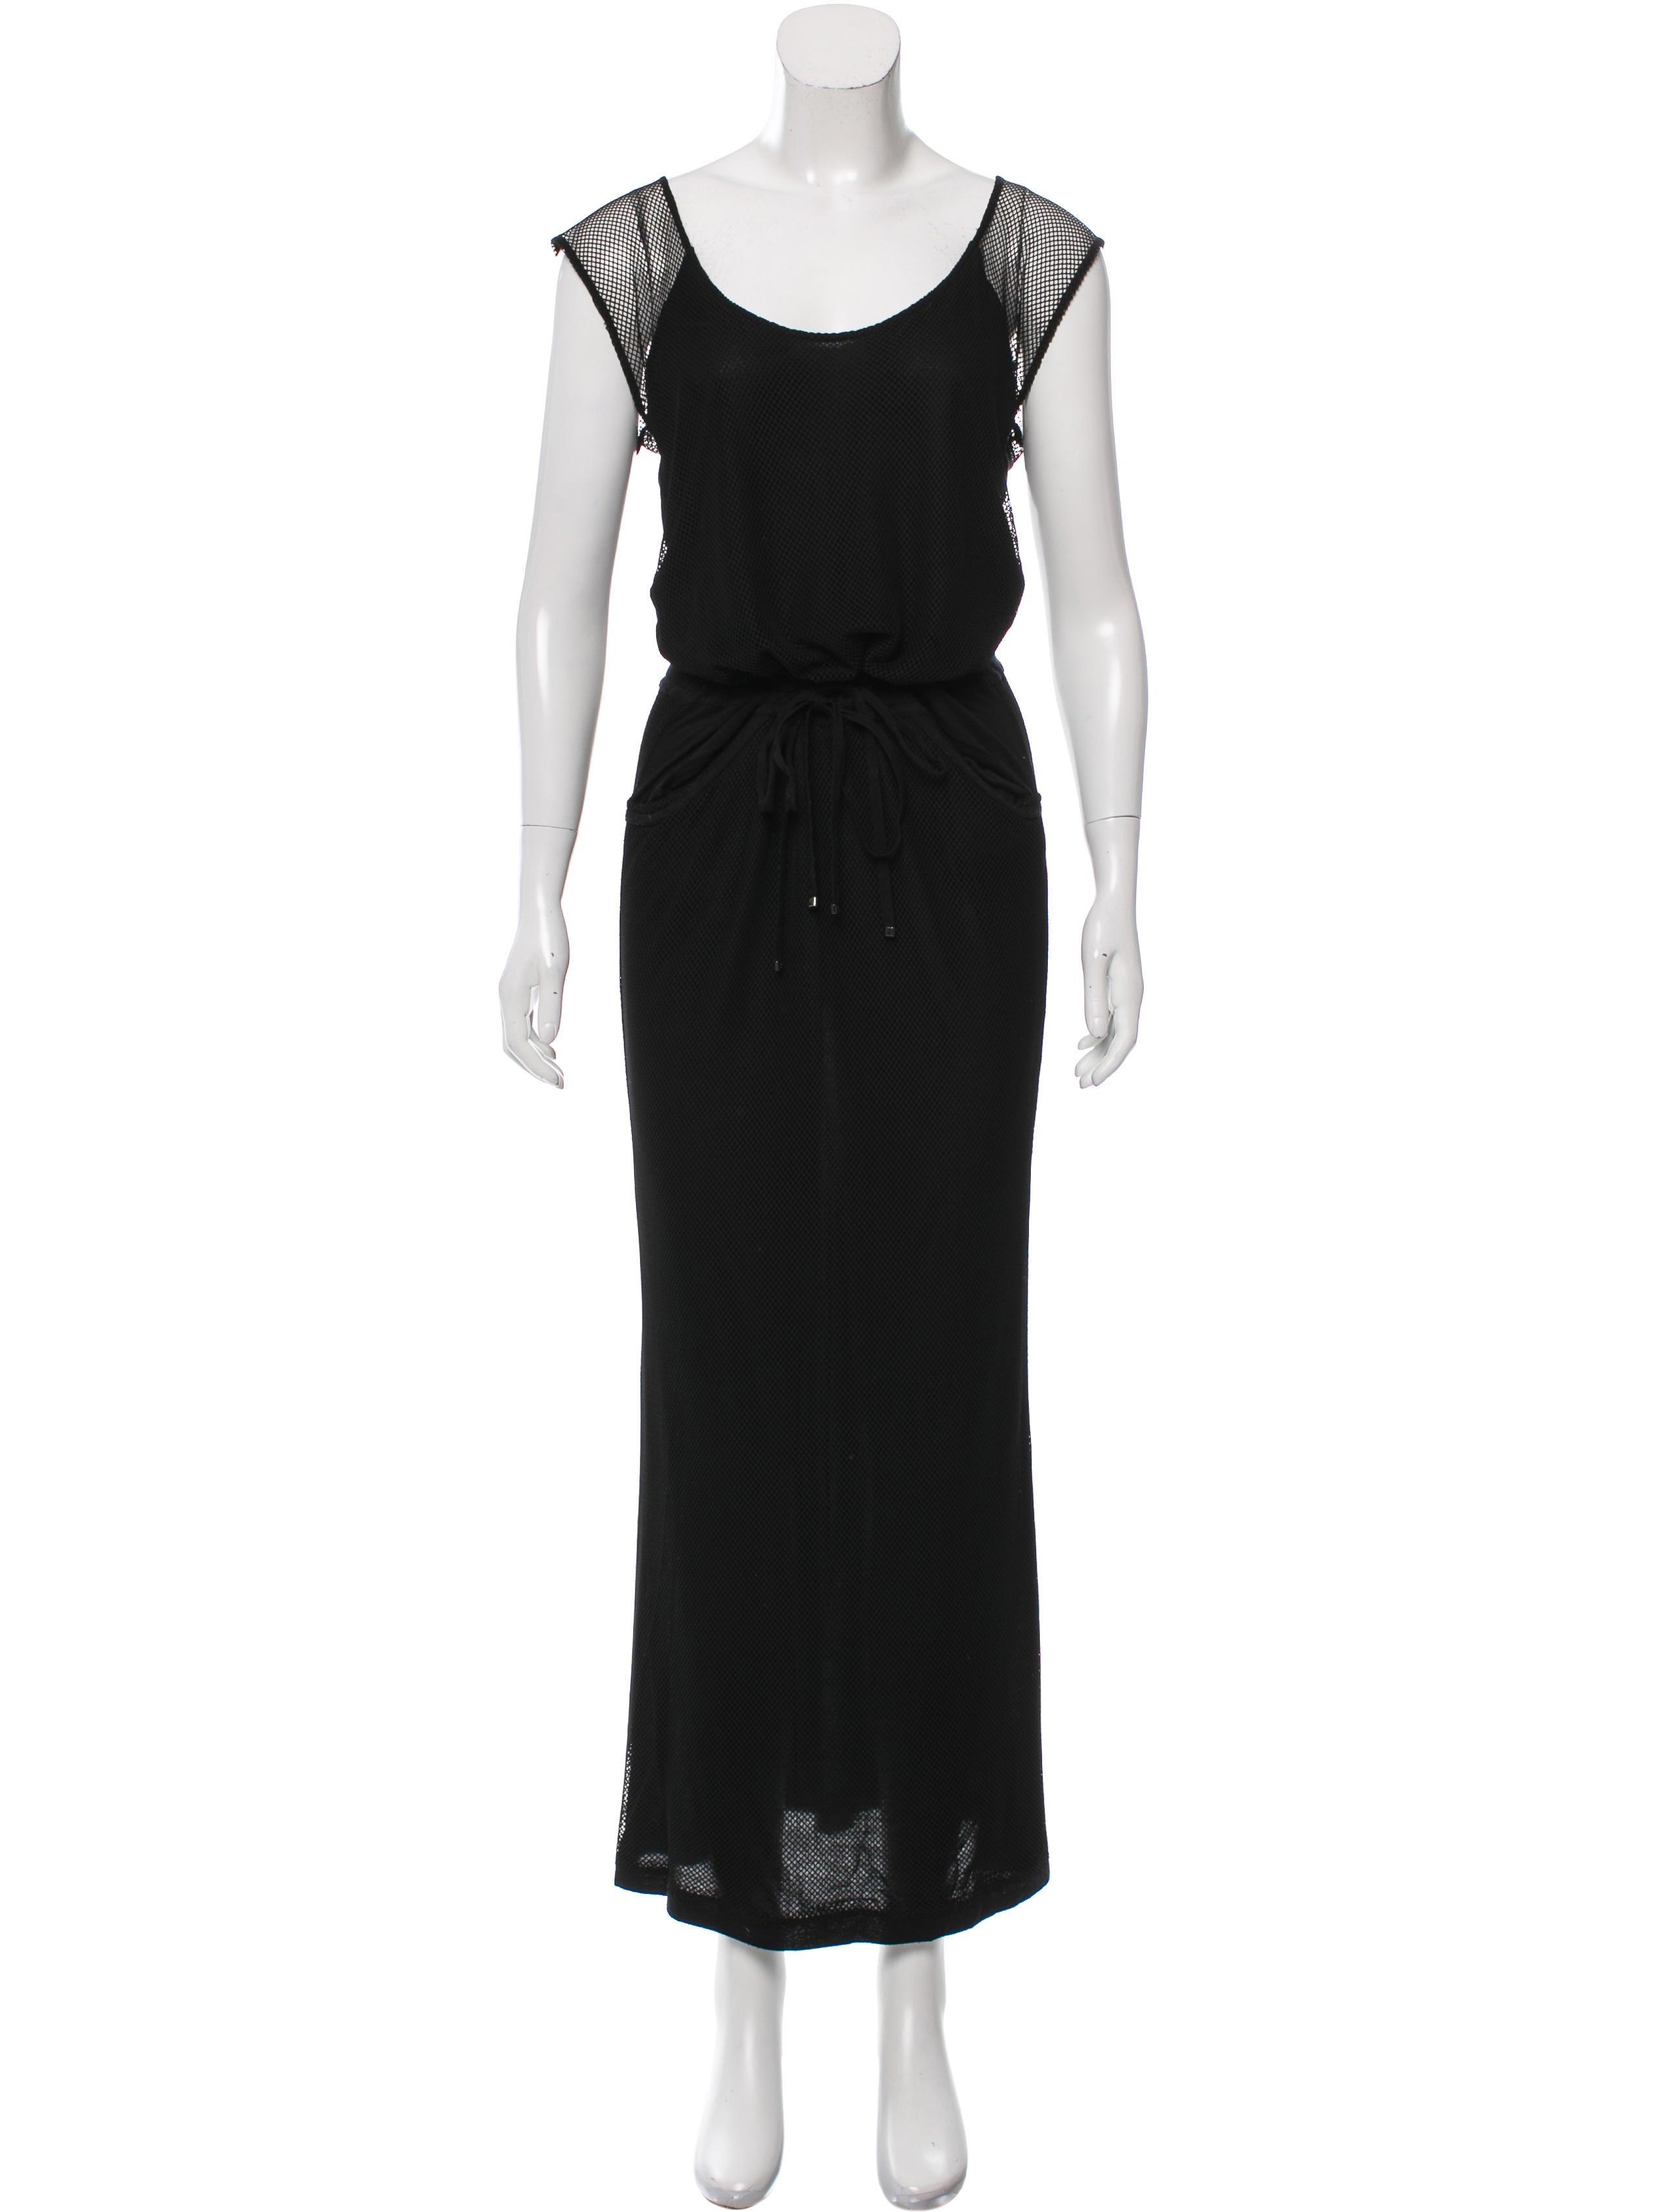 Diane von furstenberg mesh maxi dress clothing for Diane von furstenberg clothing